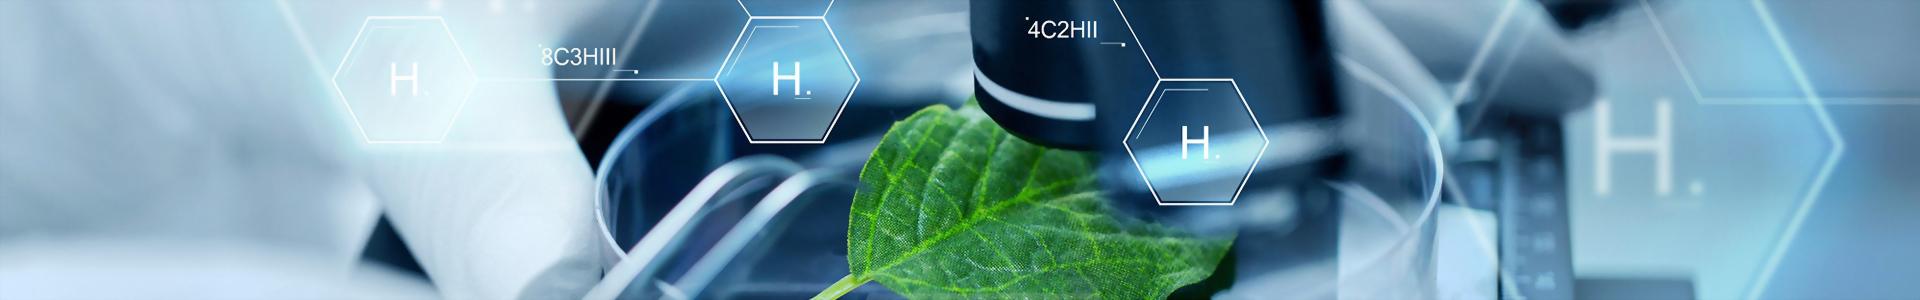 天宜科技 - 植物培養